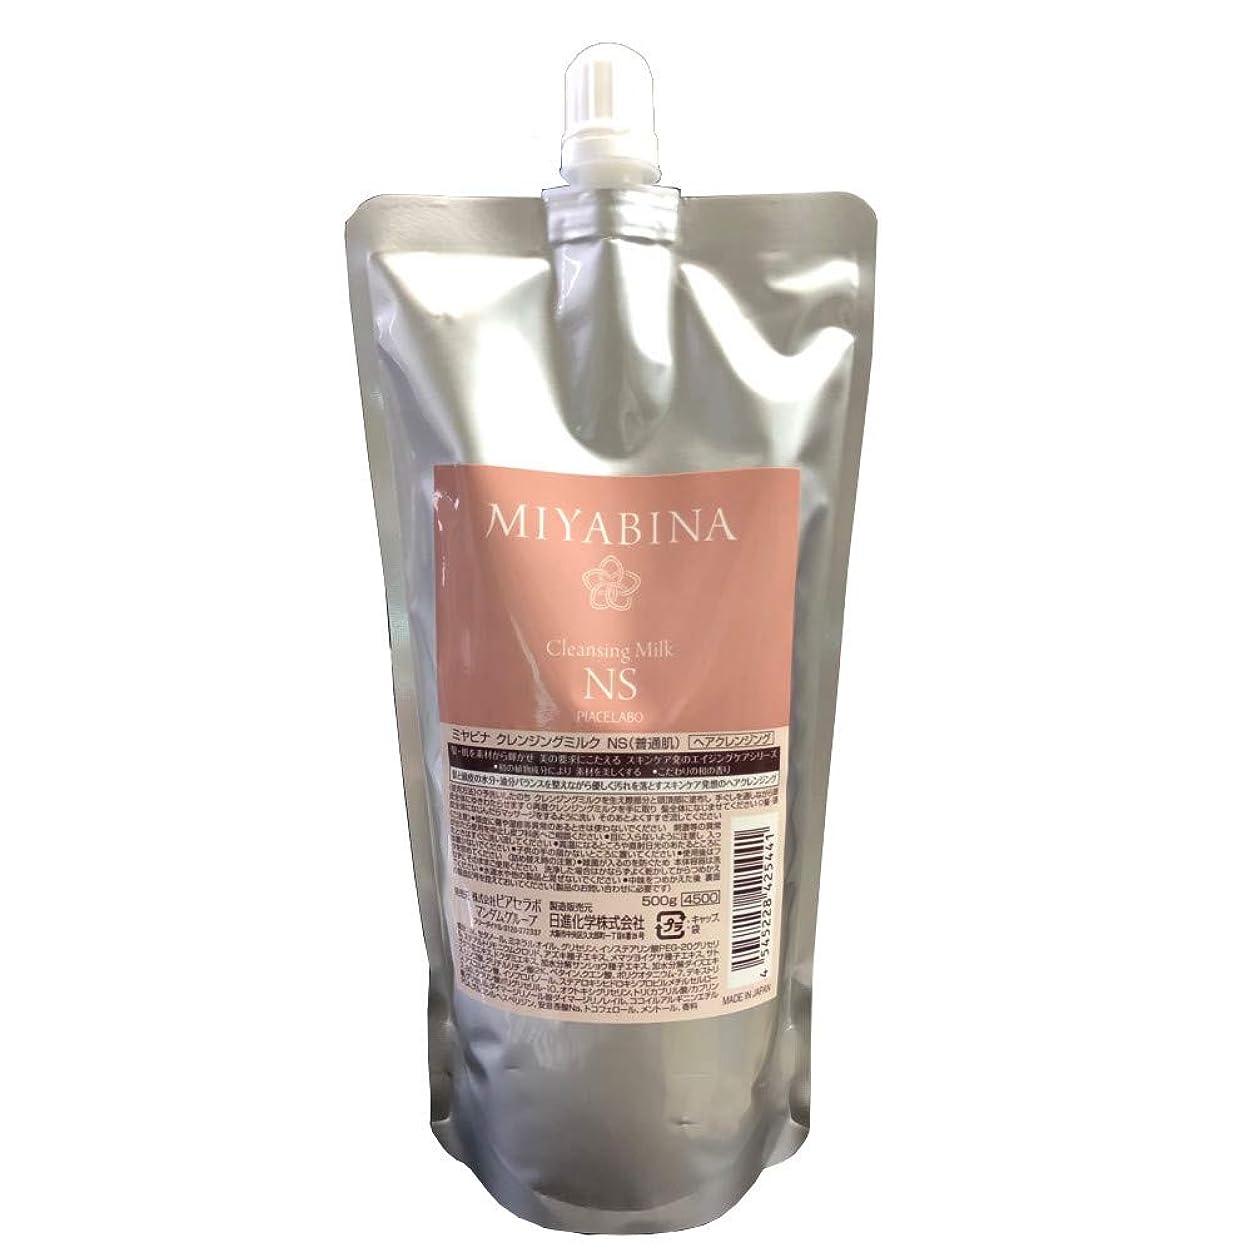 広告放棄彫刻ミヤビナ クレンジングミルク NS(普通肌) 500g レフィル(詰め替え)